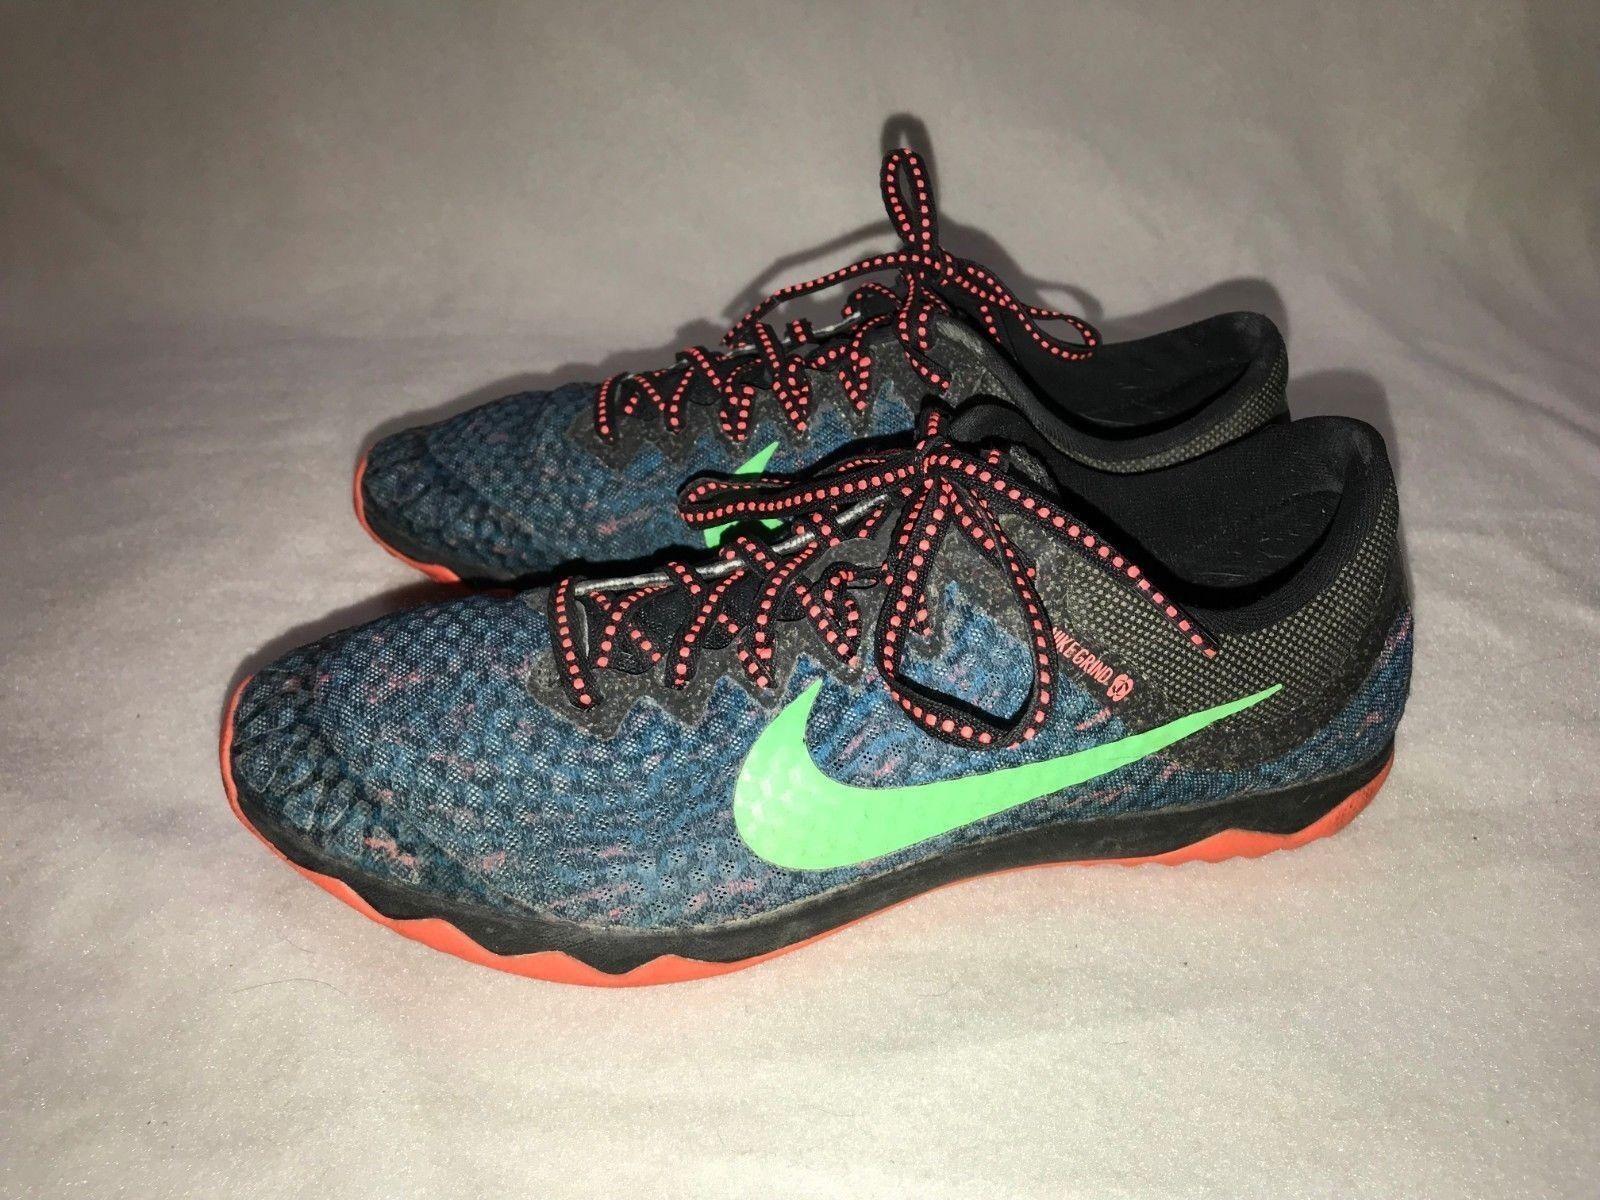 Nike grind alle corse corse corse dei campo di scarpe da tennis, misura 8,5, corse spike | Nuovo 2019  | Uomo/Donne Scarpa  4d8c12